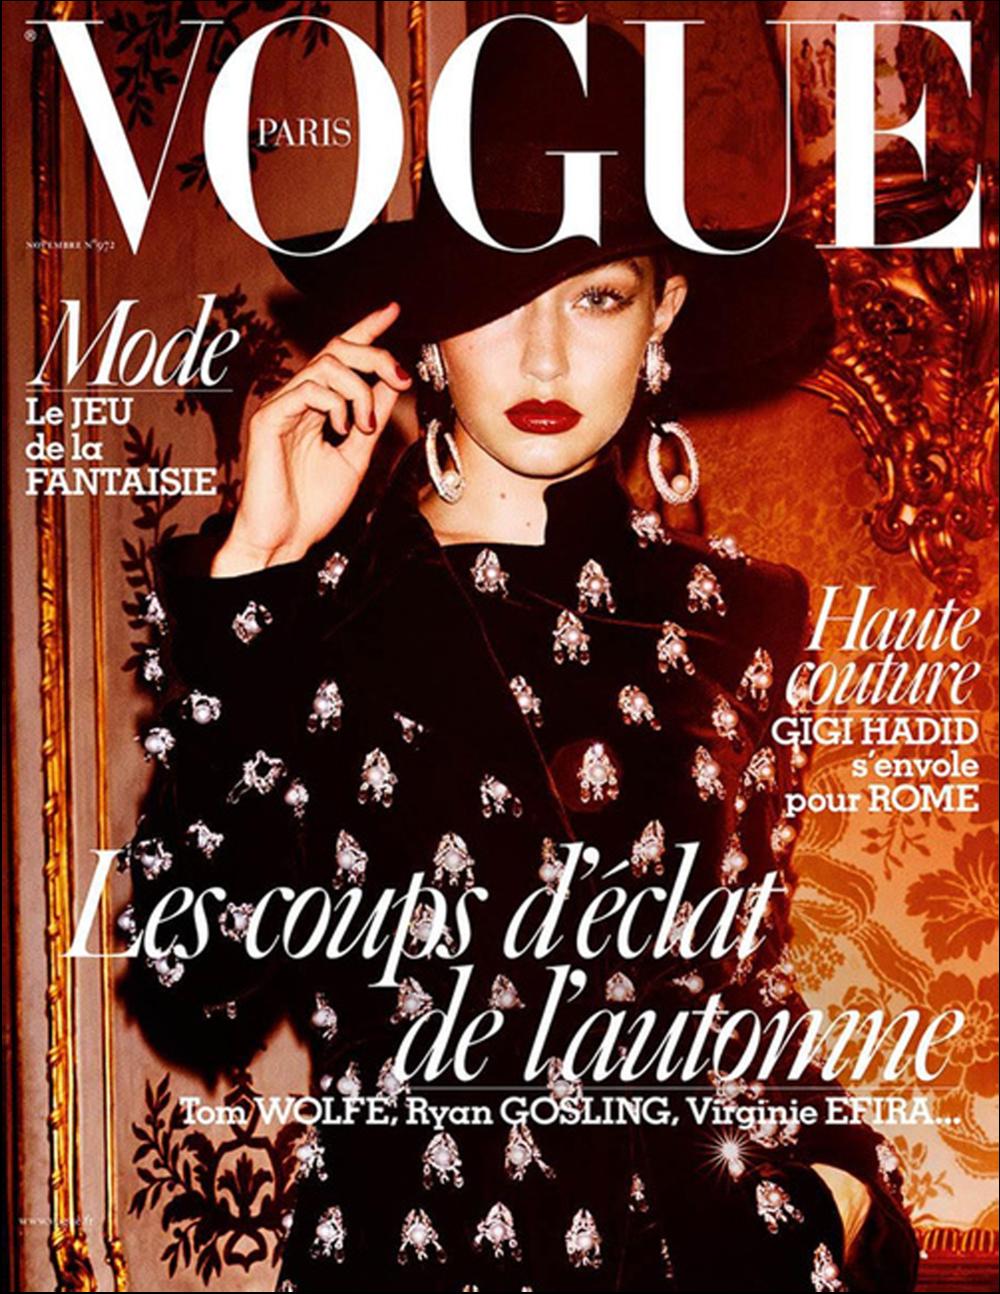 Vogue Paris Nov 2016